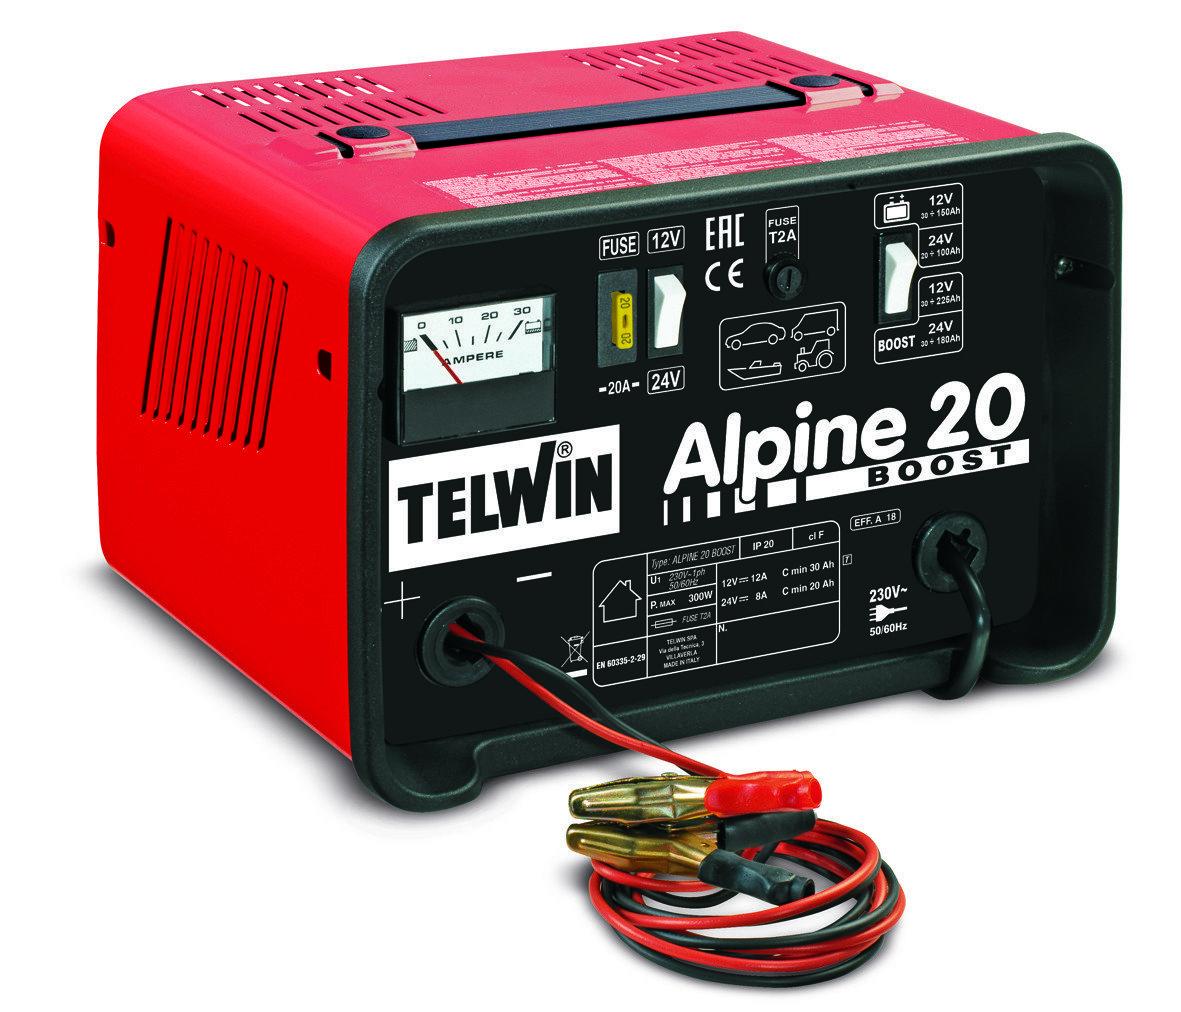 Зарядное устройство ALPINE 20 BOOST 12-24V 807546